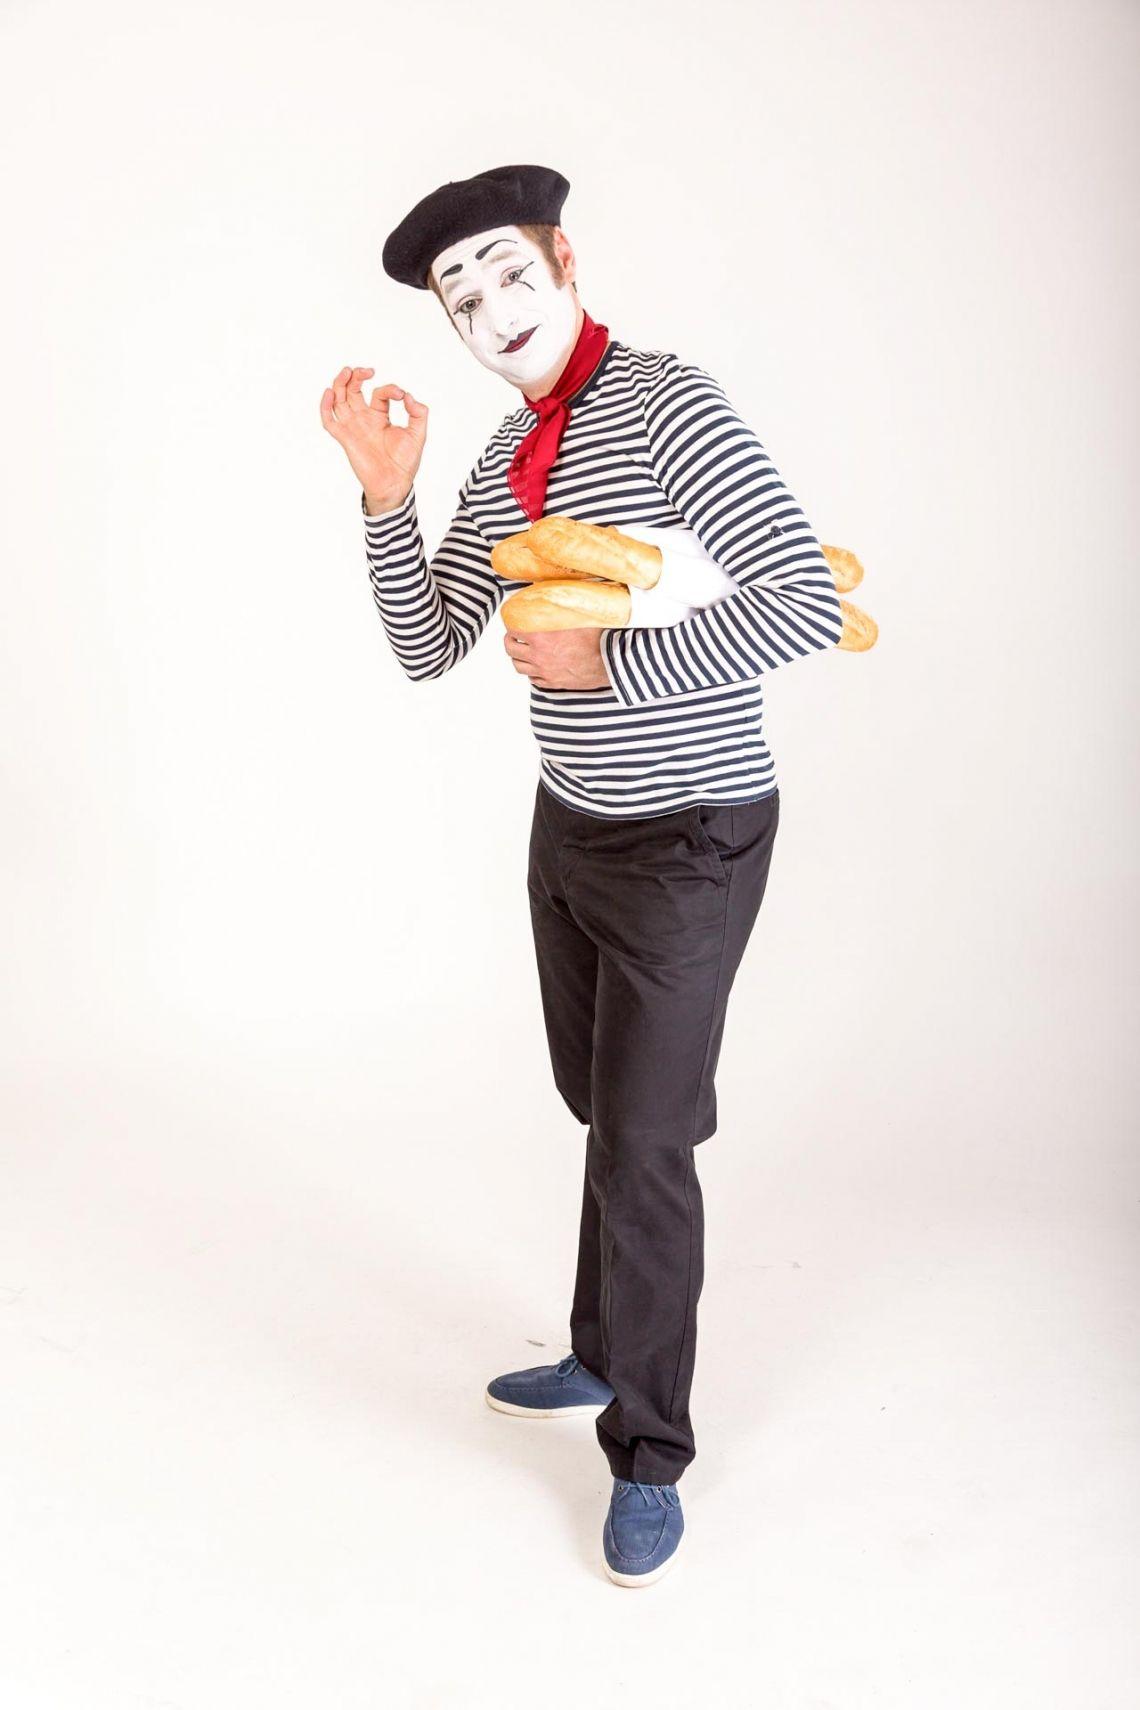 Bastian als Franzose Vive la france! Genießen Sie das savoir vivre mit Bastien. Gekleidet im typisch französischen Ringelshirt und mit Baguette unter dem Arm ist Bastien vom Eiffelturm bis nach Berlin überall zu sehen...